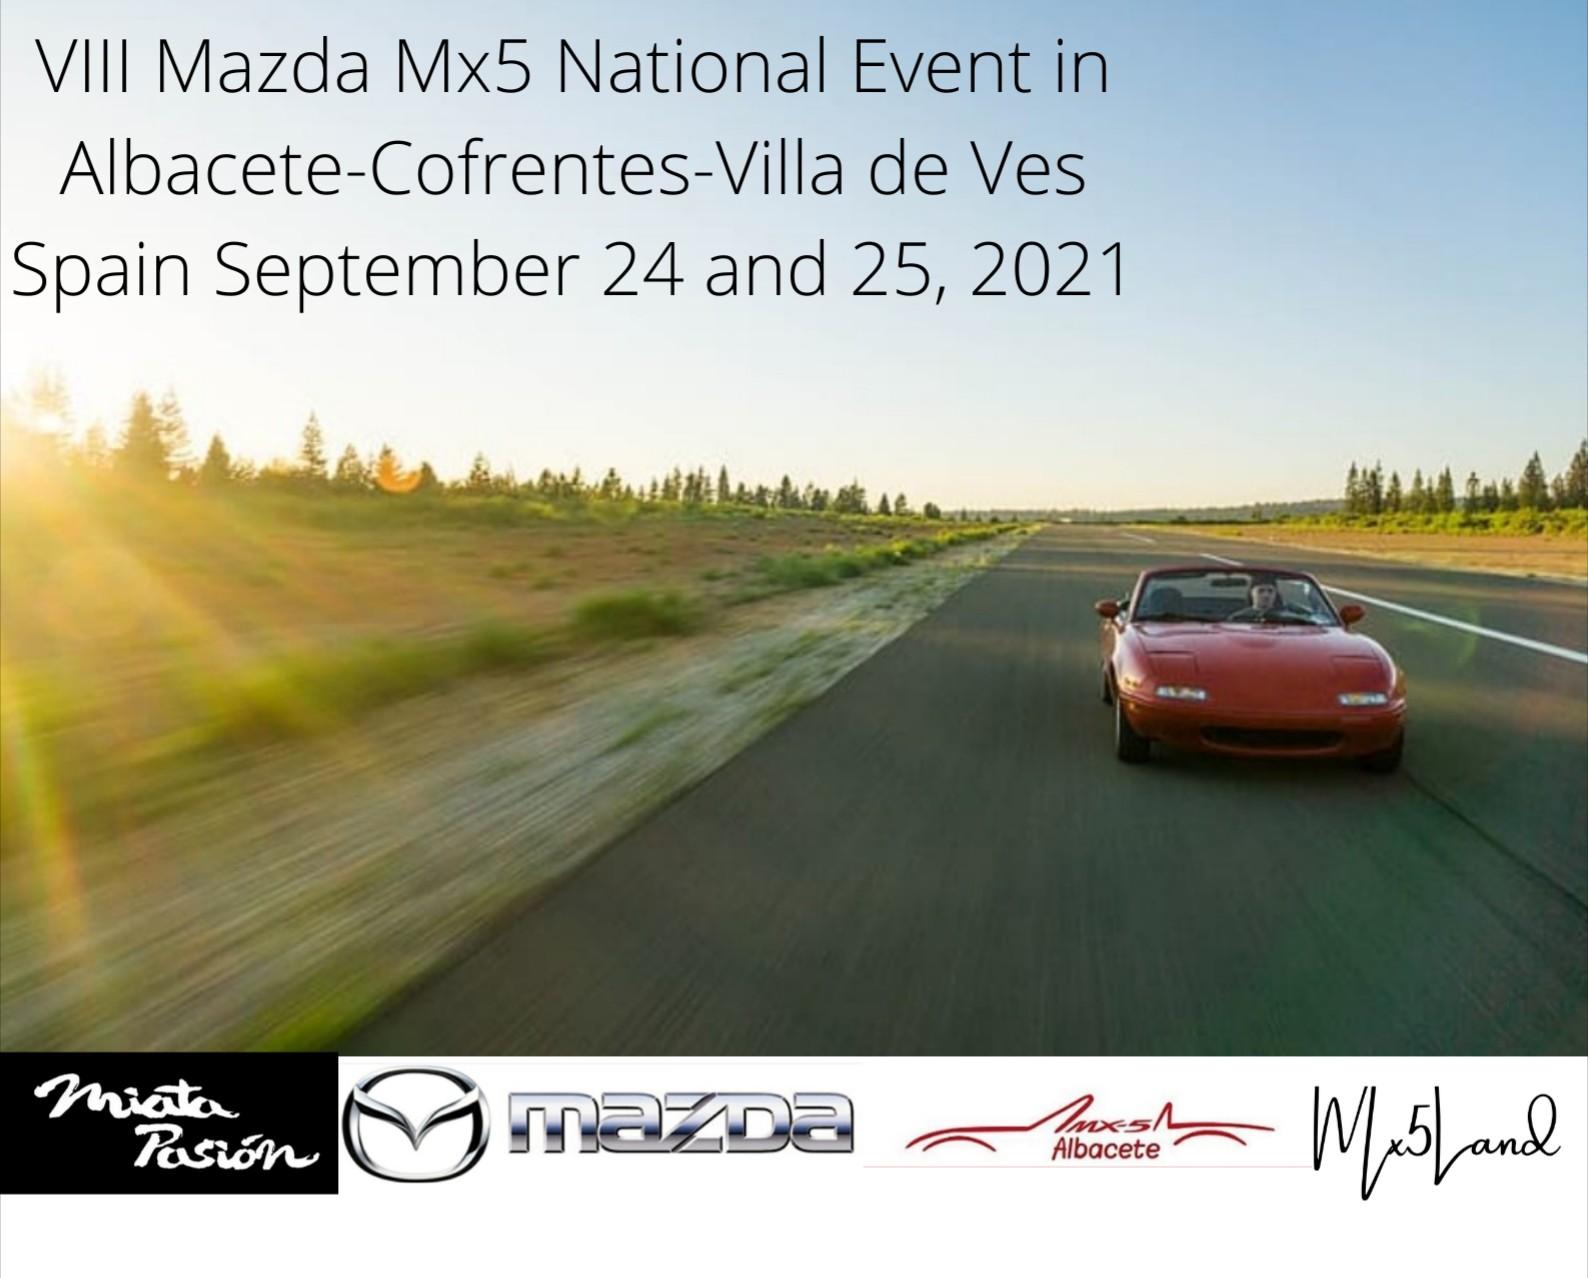 VIii Event Mazda Mx5 Albacete Spain 2021